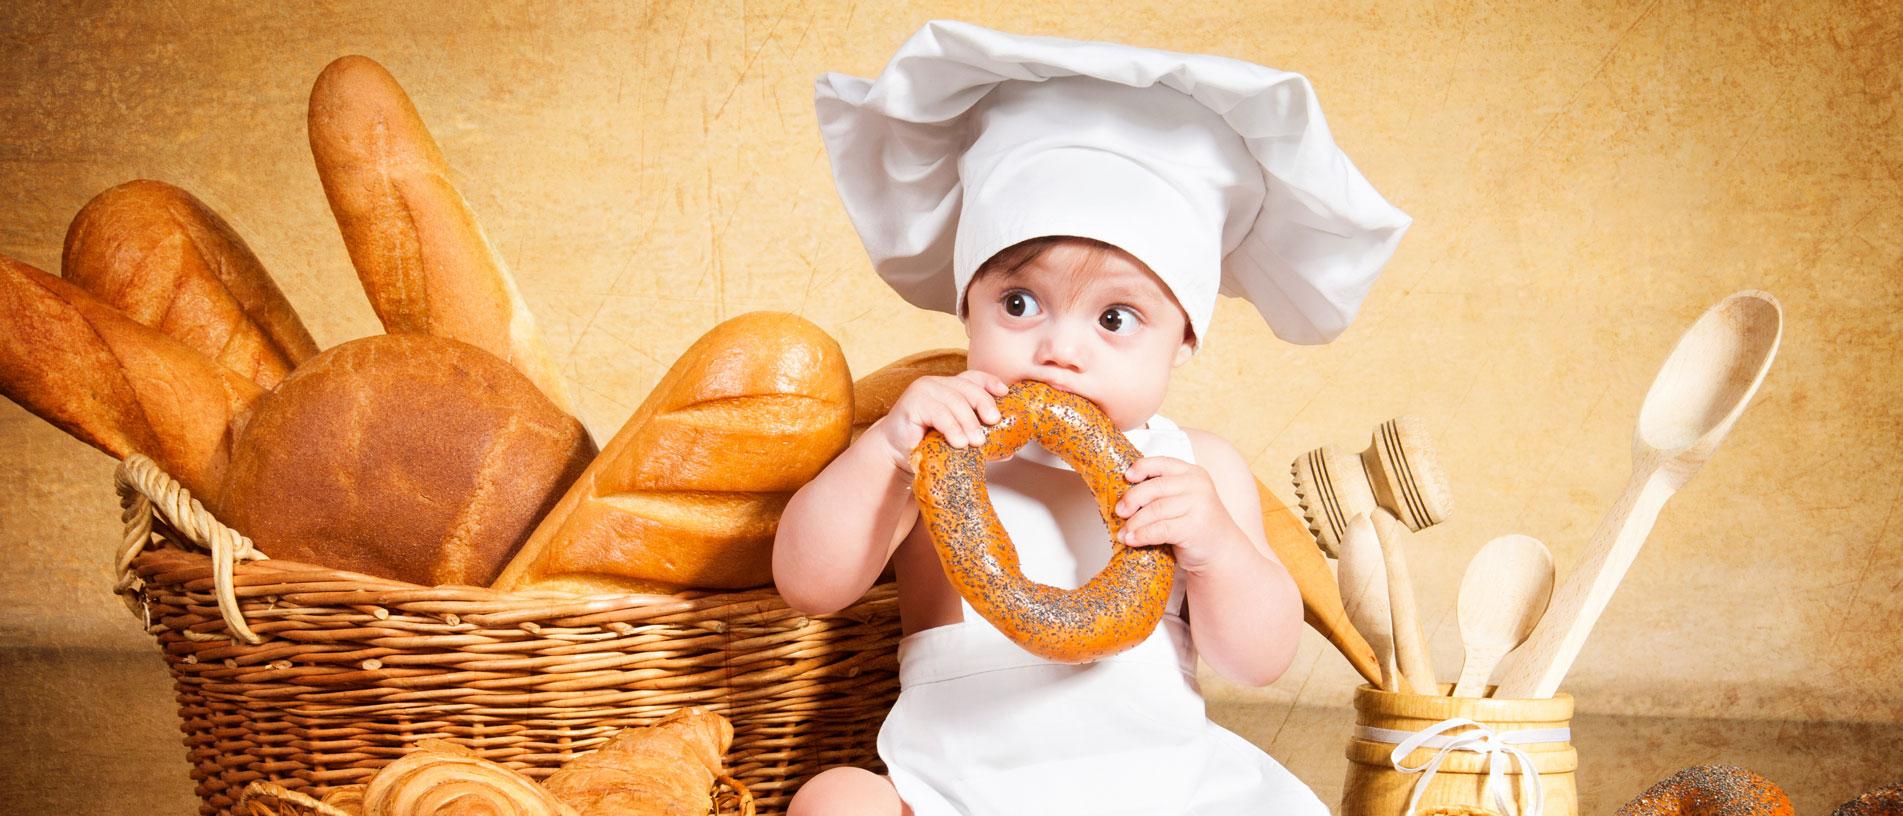 Para niños y mayores, para desayuno, almuerzo o cena